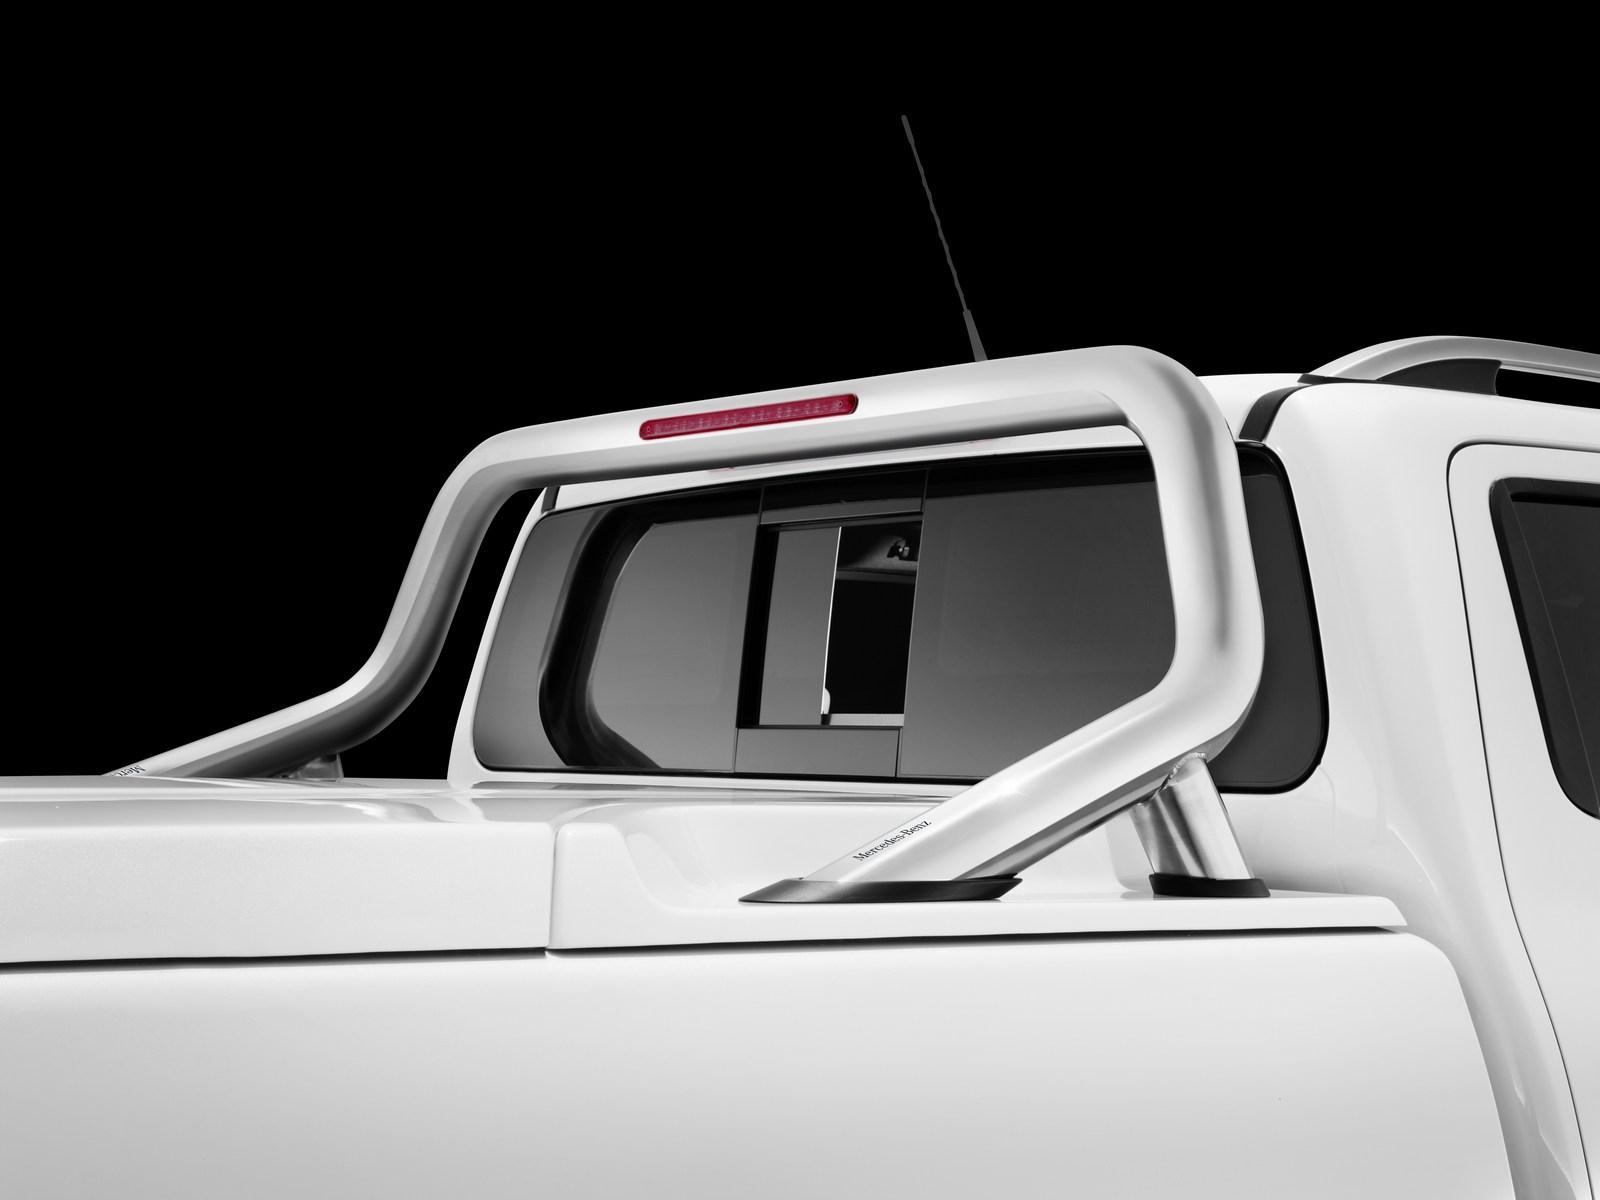 Mercedes-Benz X-Klasse – Elektrisches Heckfenster (Sonderausstattung), Styling Bar (Mercedes-Benz Zubehör) Mercedes-Benz X-Class – Electrically opening rear window (special equipment), Styling bar (Mercedes-Benz accessories)